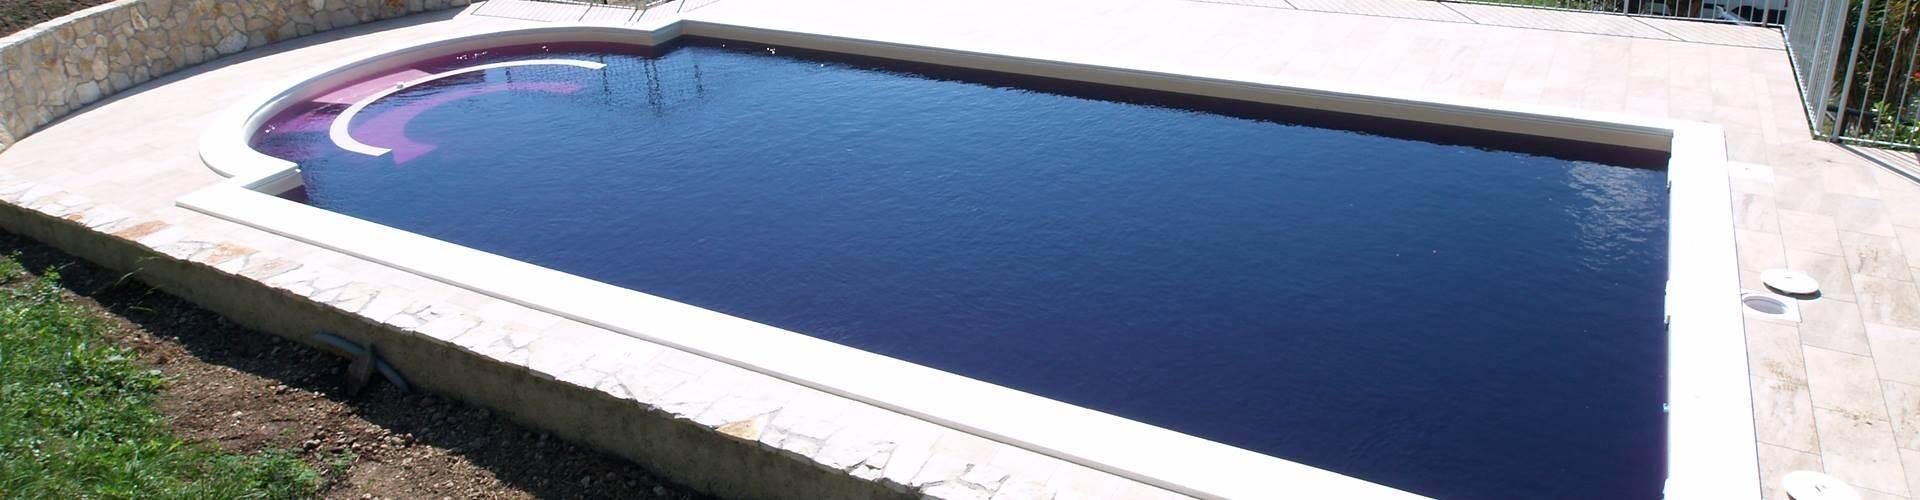 Prova colore per piscine collaudo piscine con prova for Colore per piscine